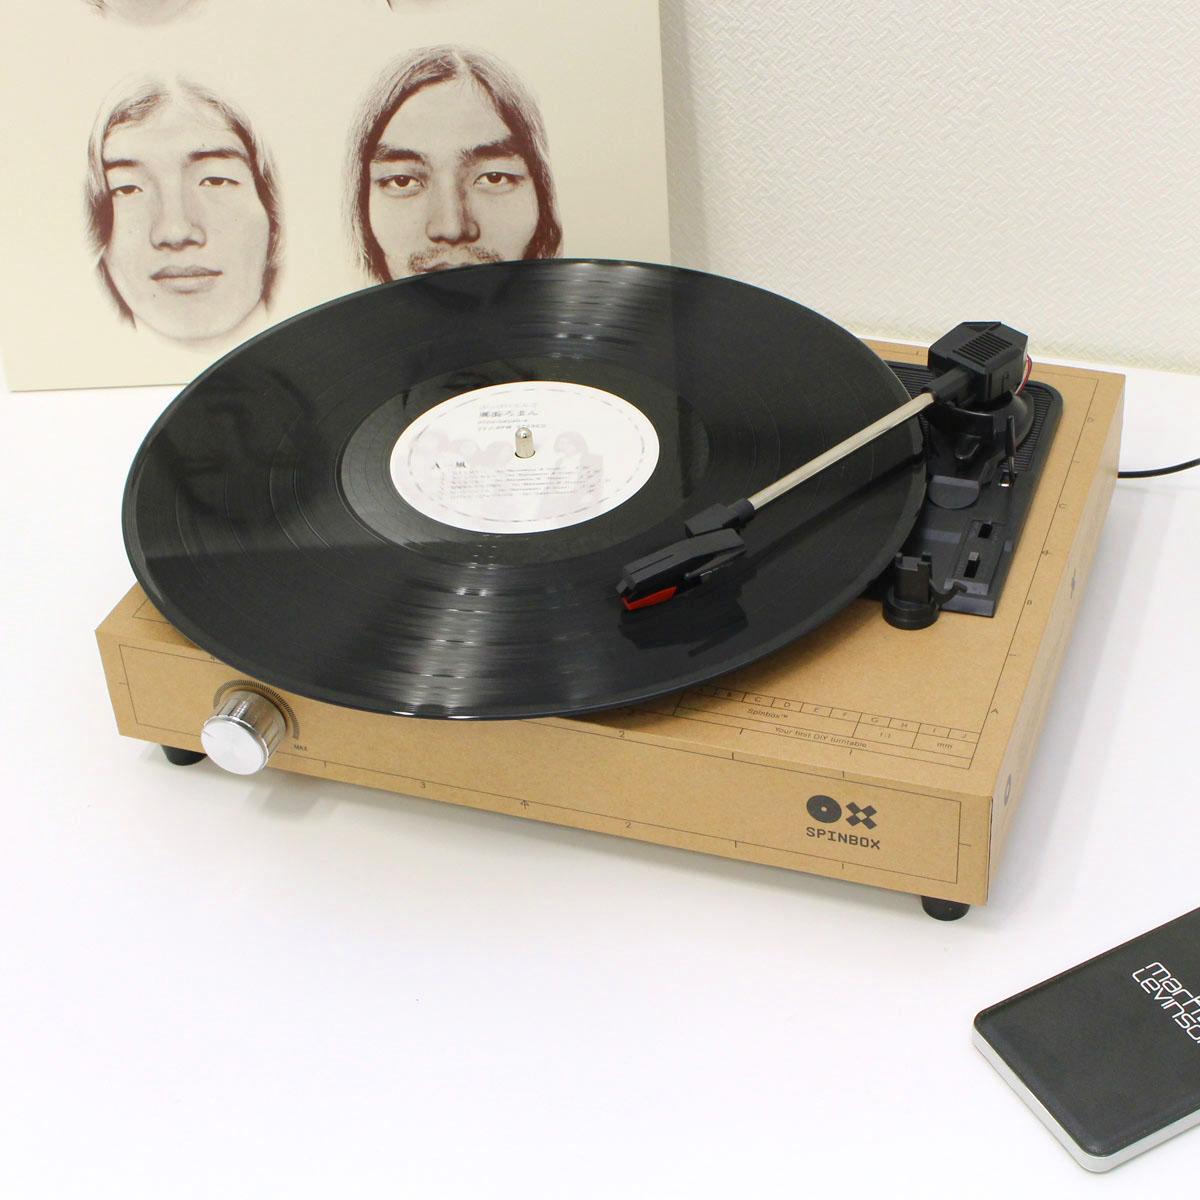 超楽しい! 紙で組み立てるレコードプレーヤー「SPINBOX」を作ってみた